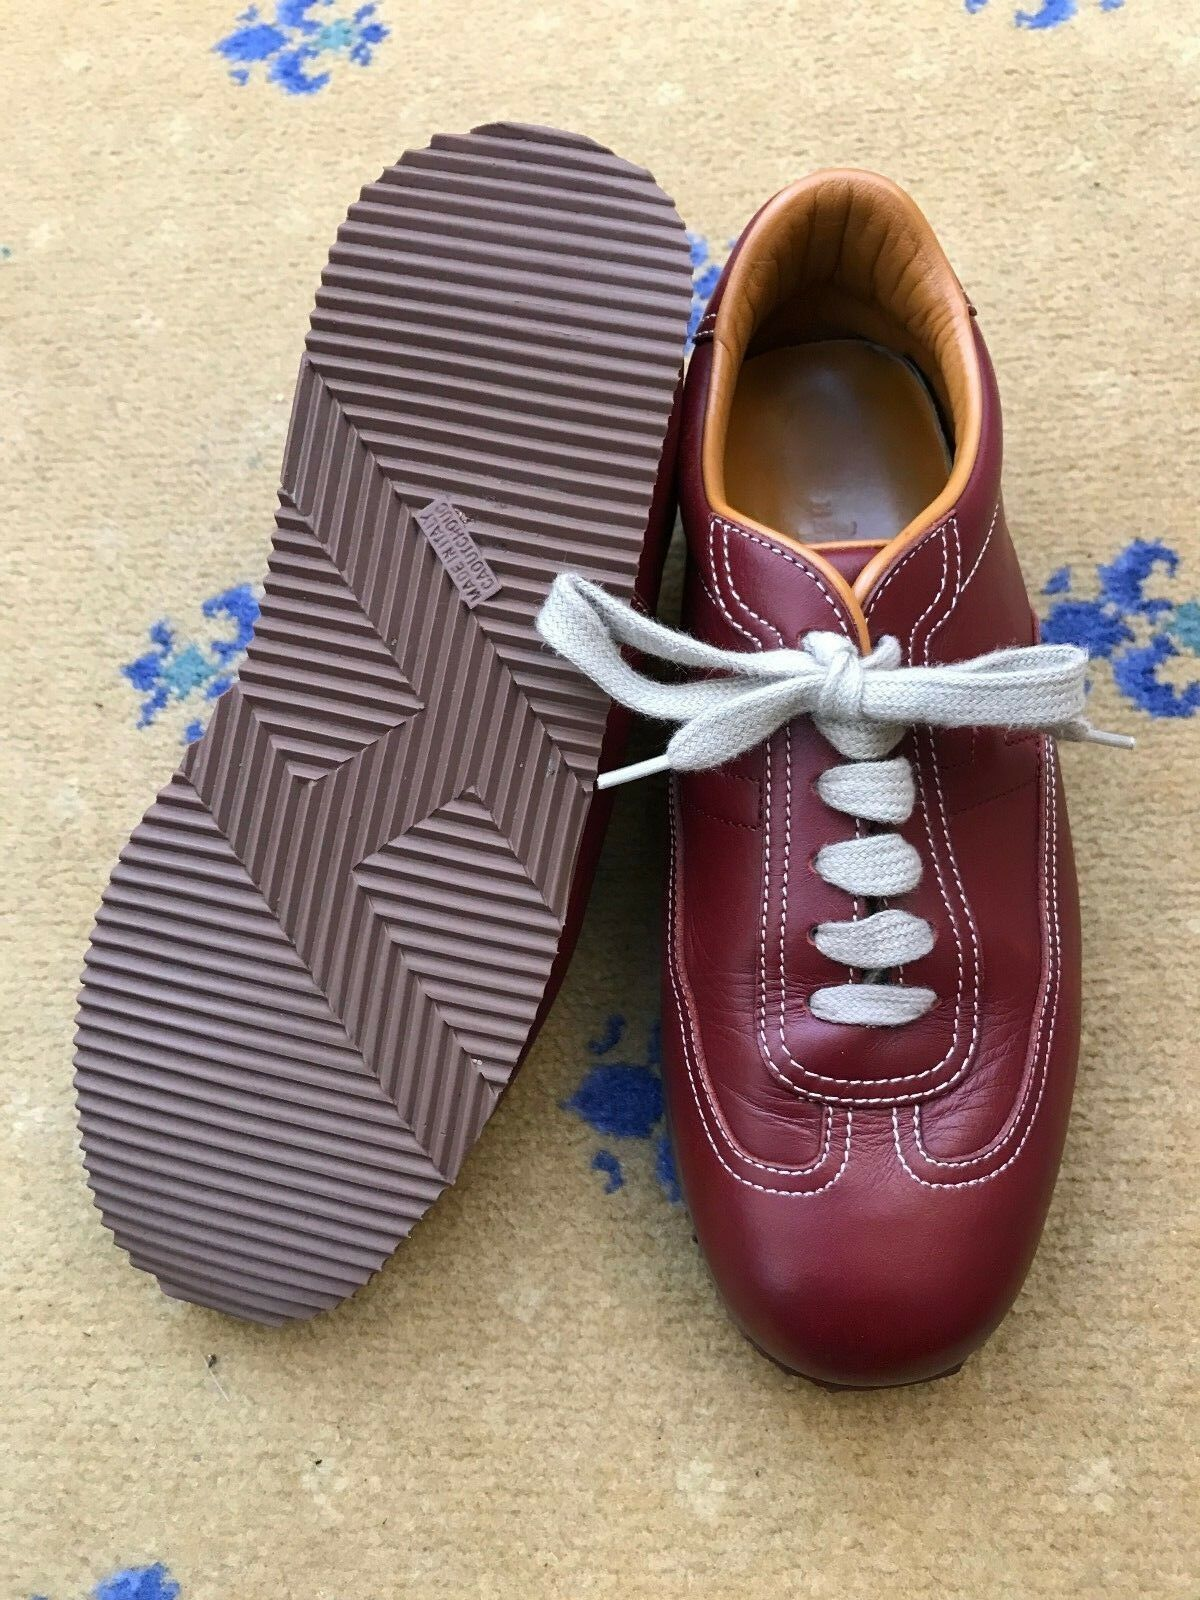 Zapatos De Cuero Hermes Mujer Rojo Zapatillas Sneakers nos 7.5 Damas